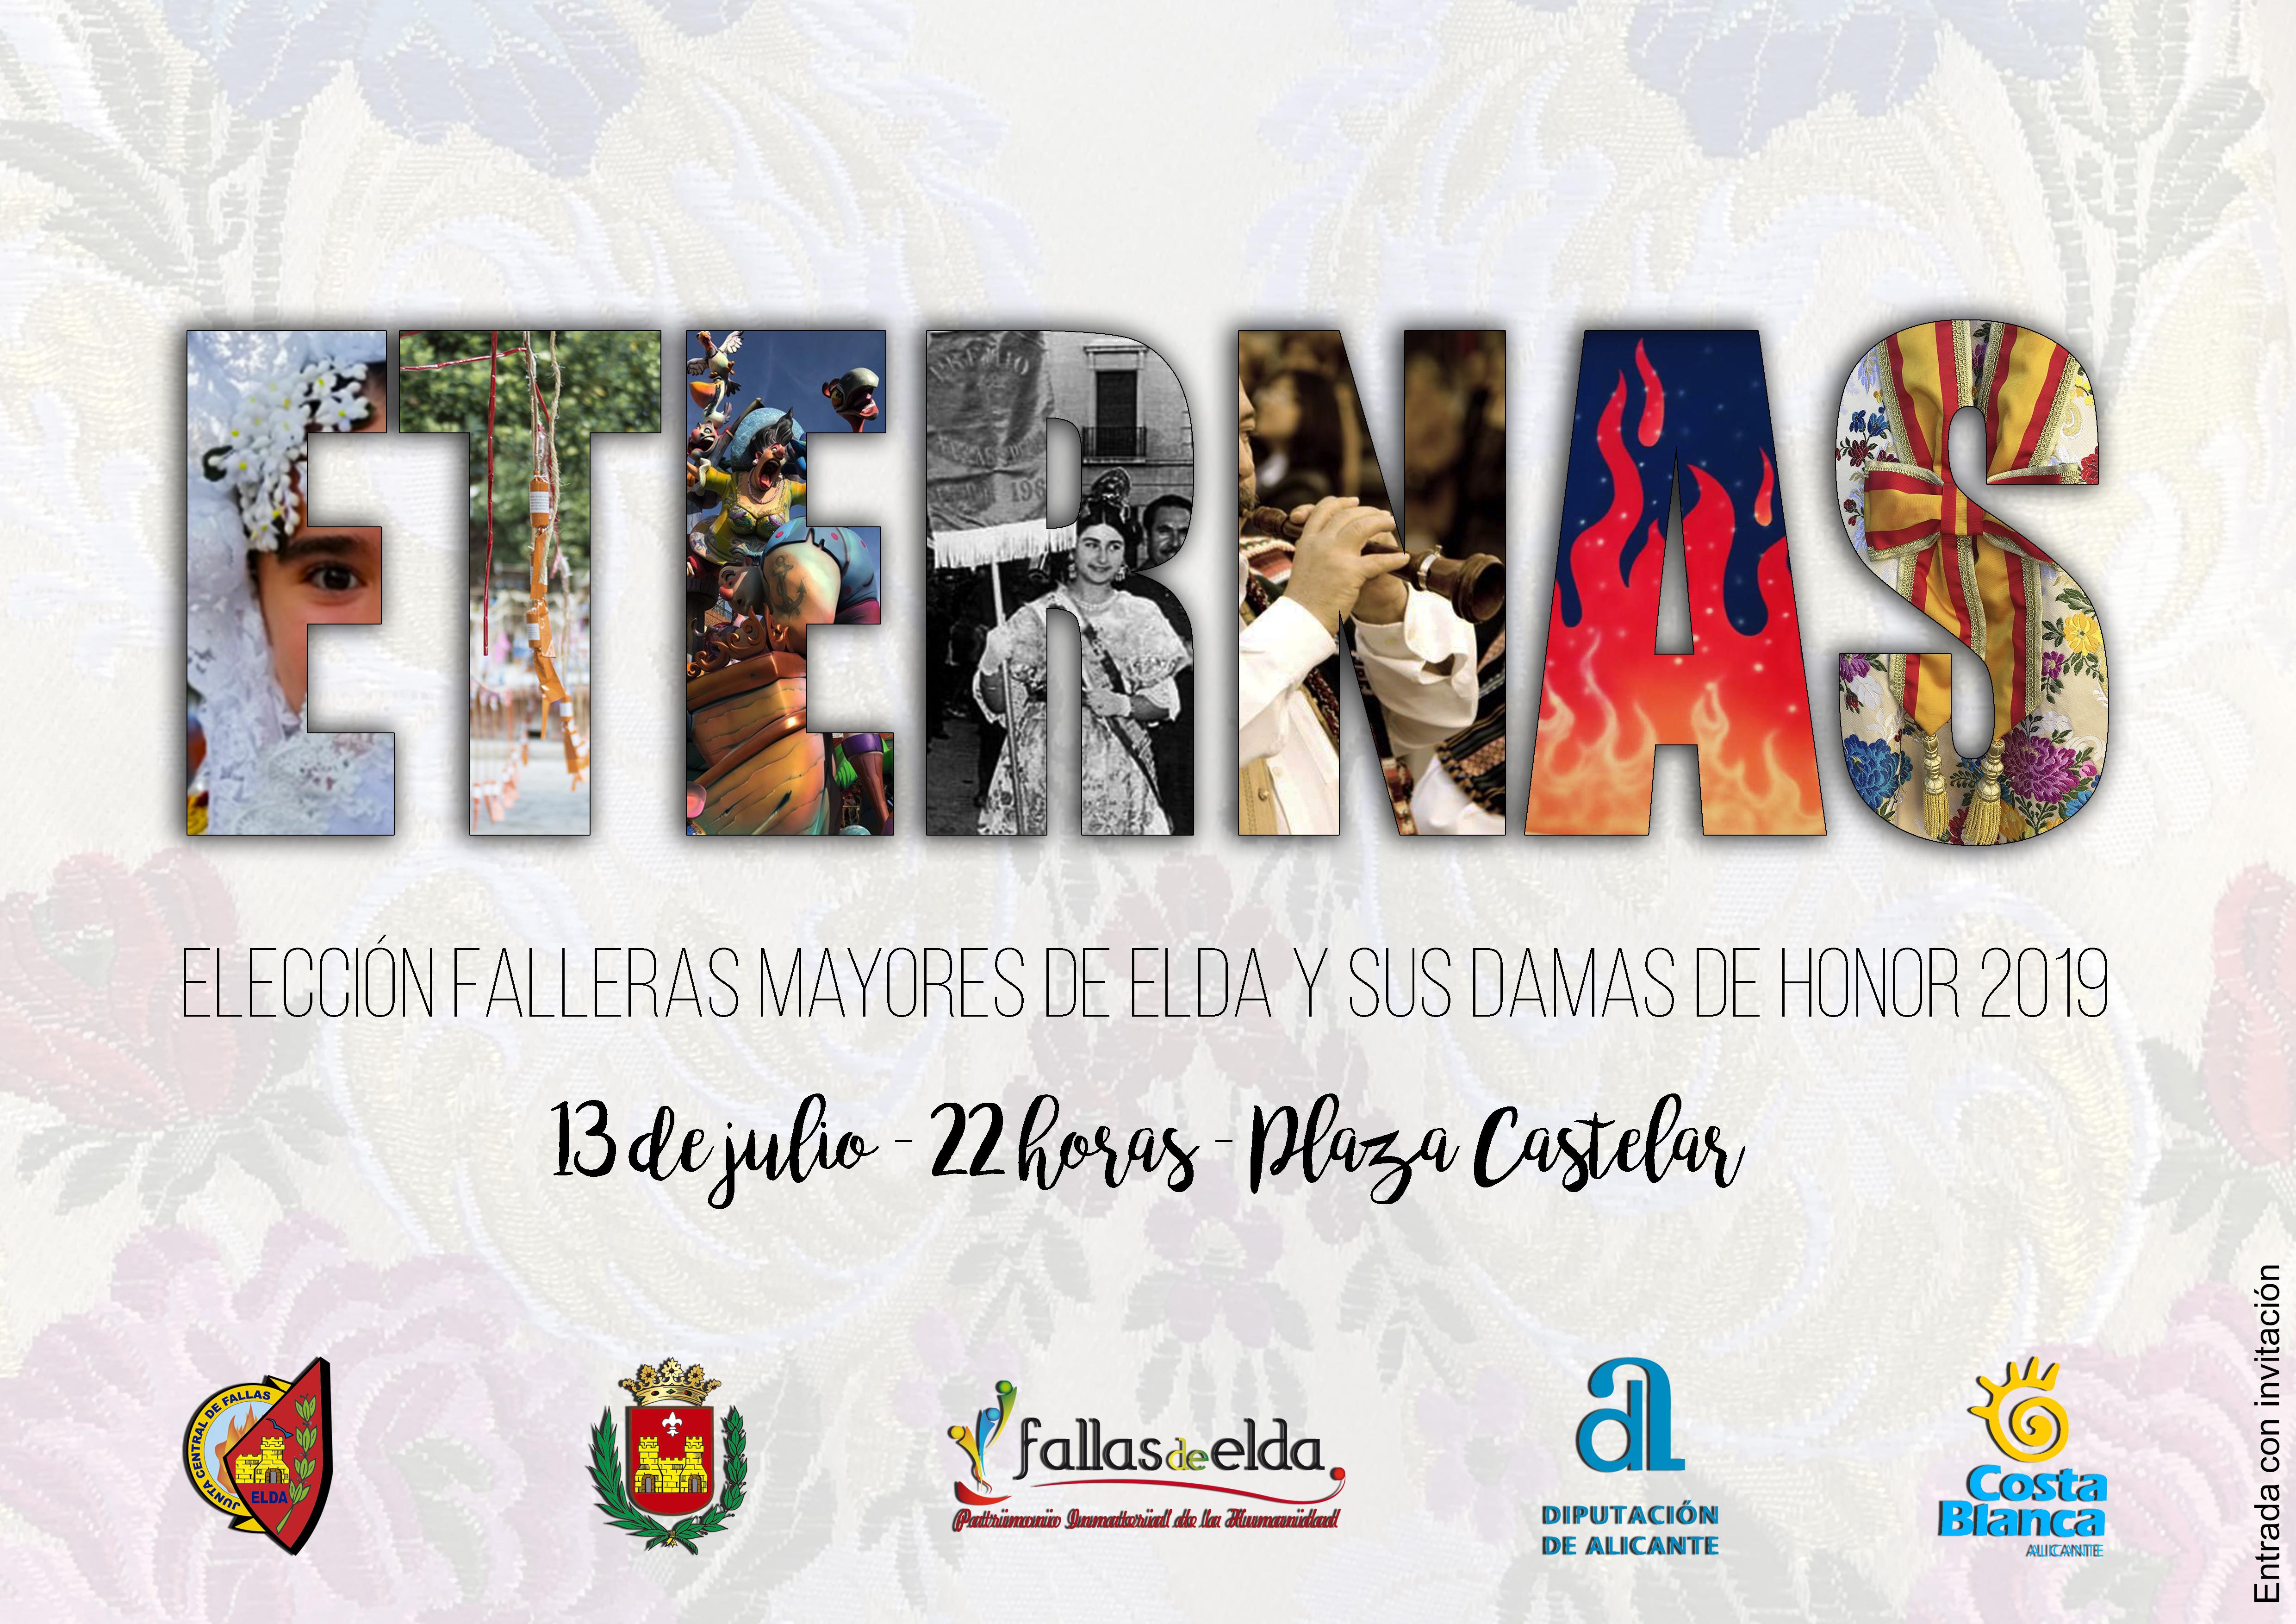 La Plaza Castelar de Elda acogerá la elección de las Falleras Mayores de Elda y sus Damas de Honor de 2019.